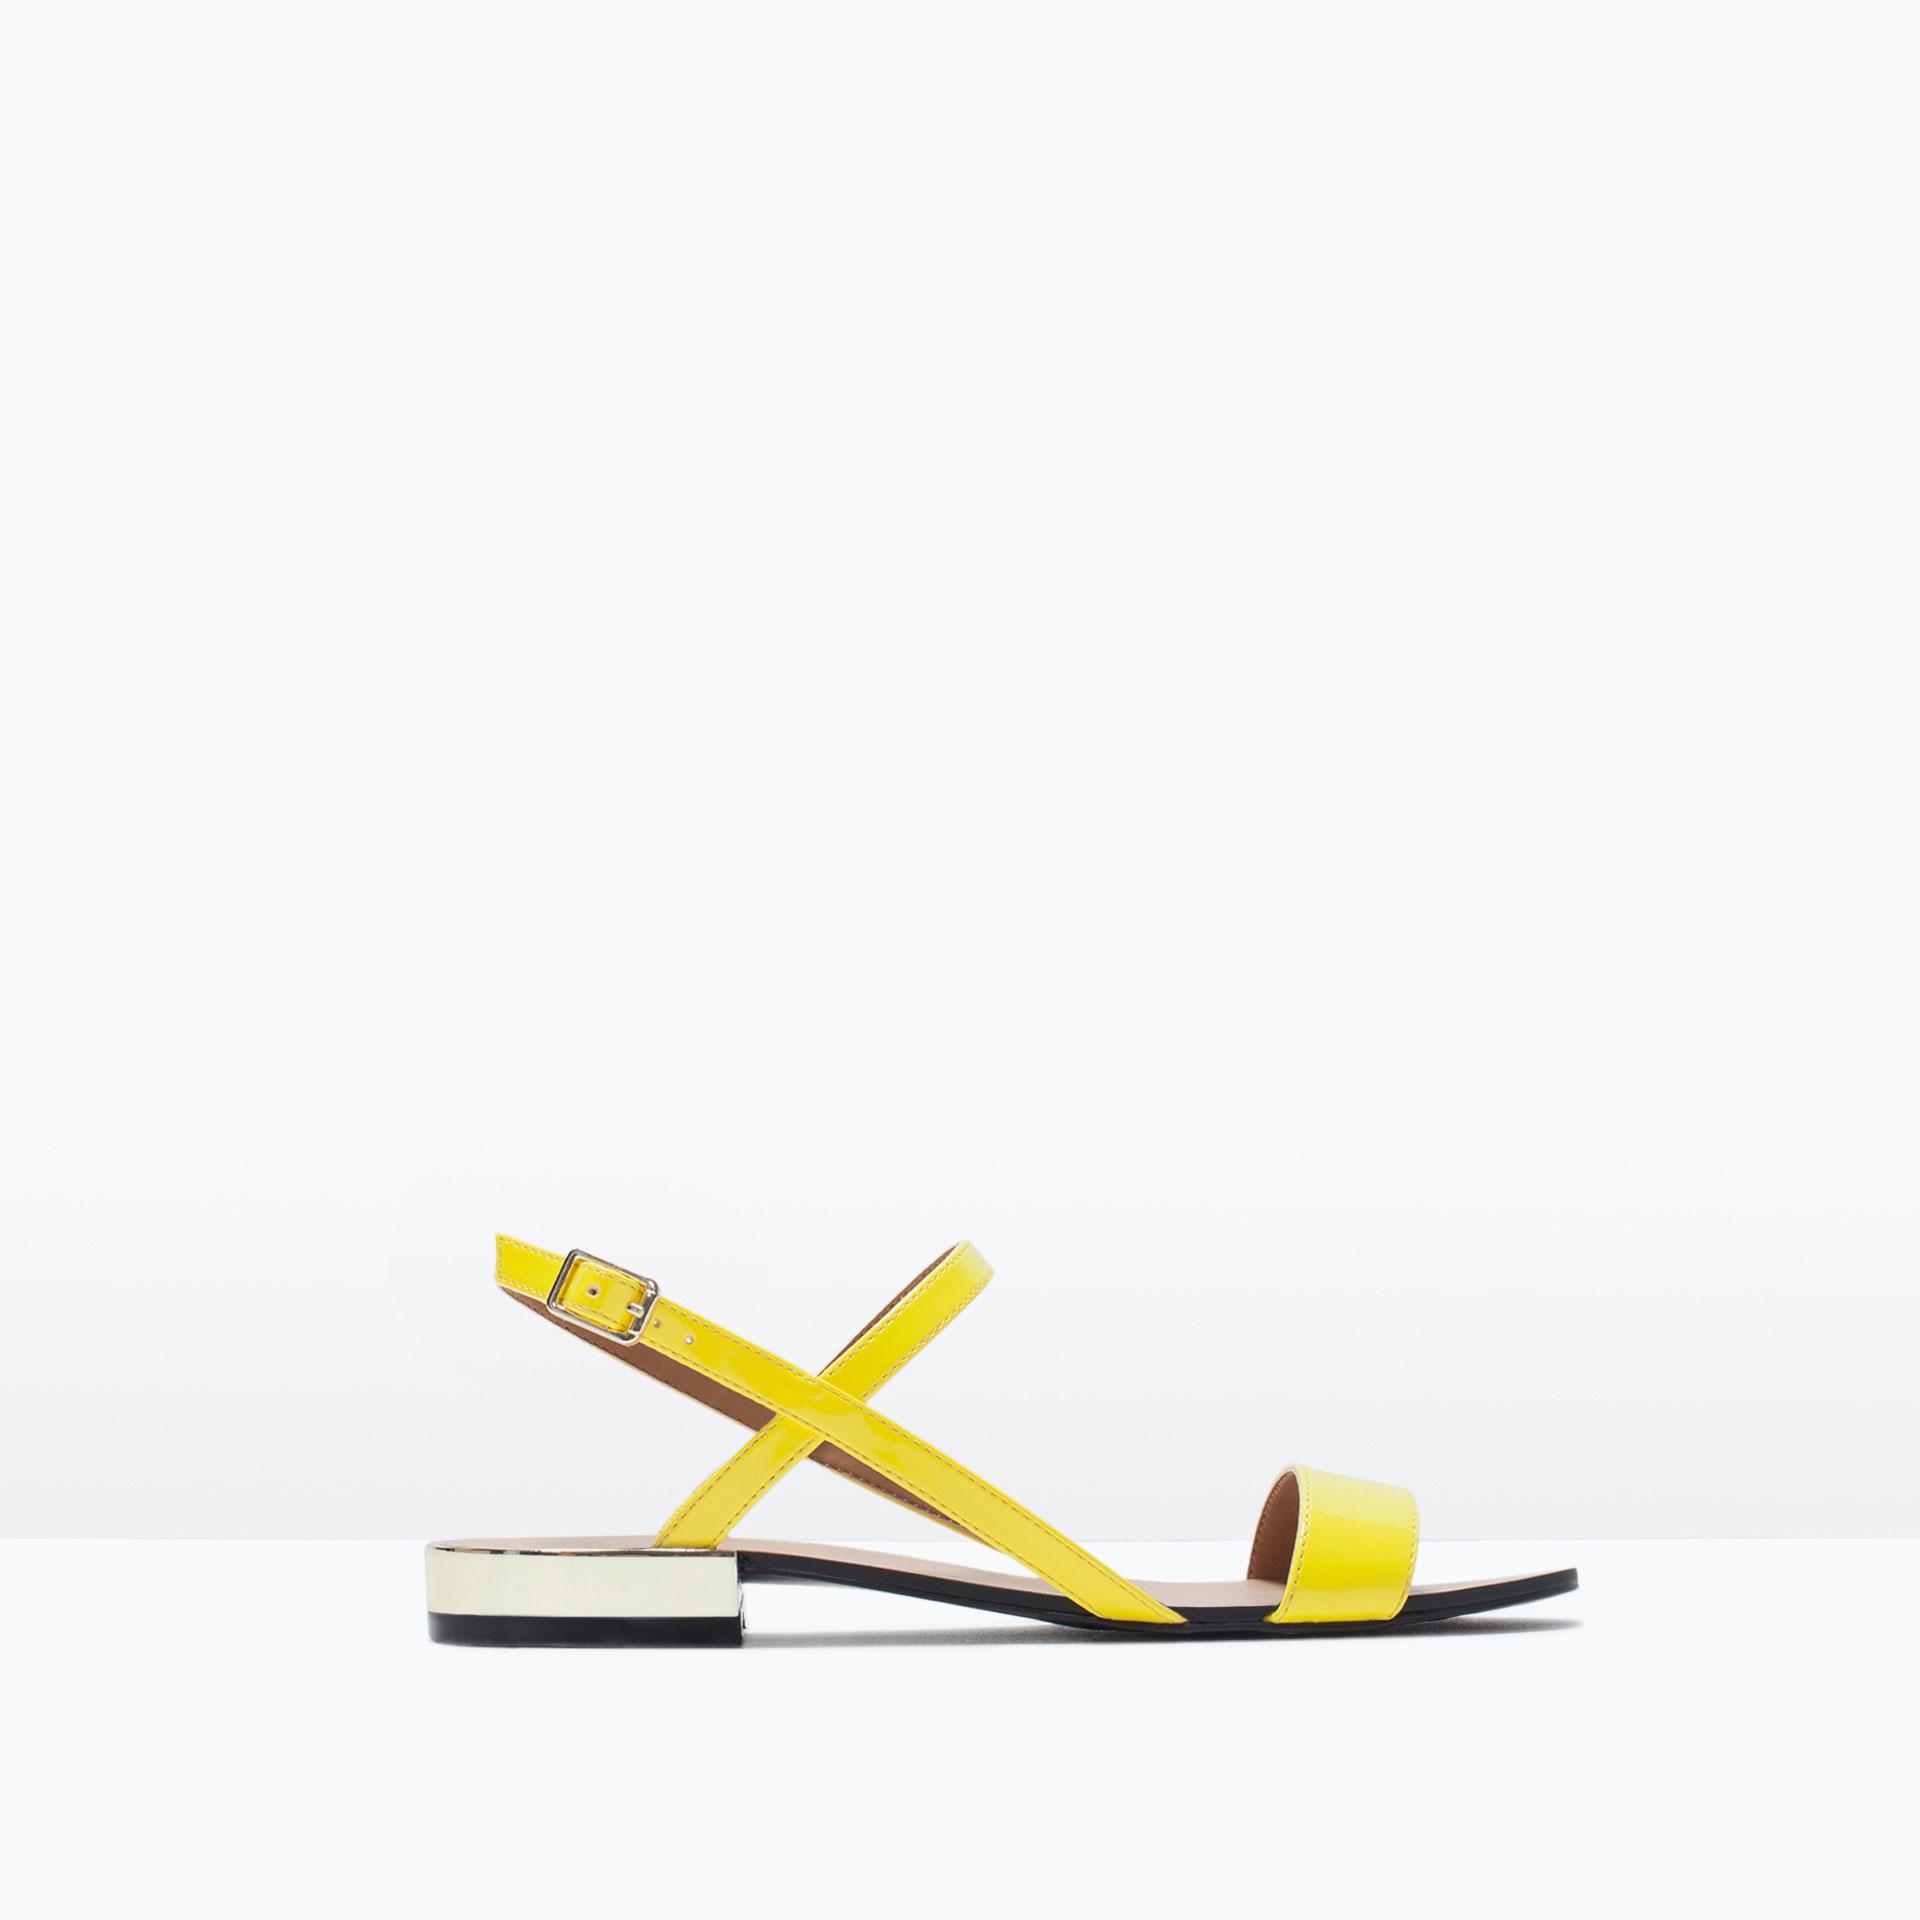 Zara Sandals Flat 90